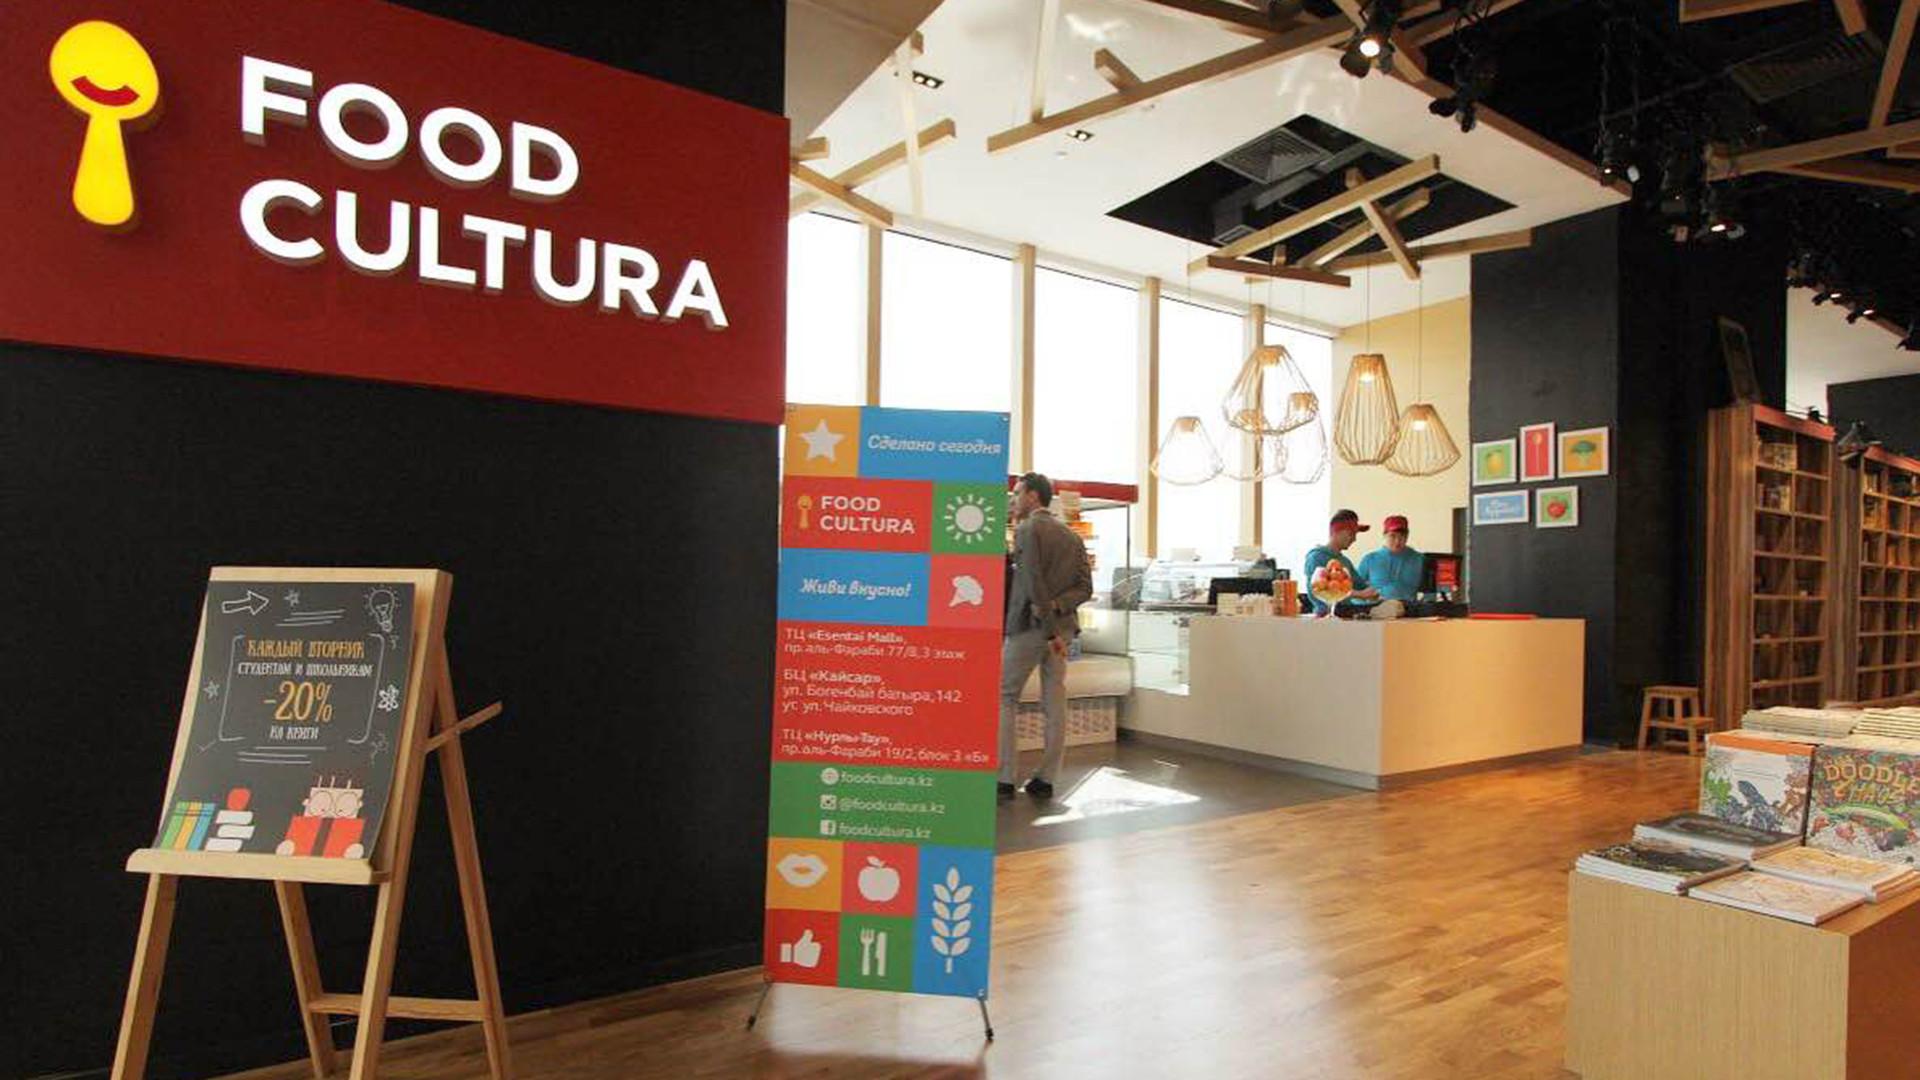 Food Cultura